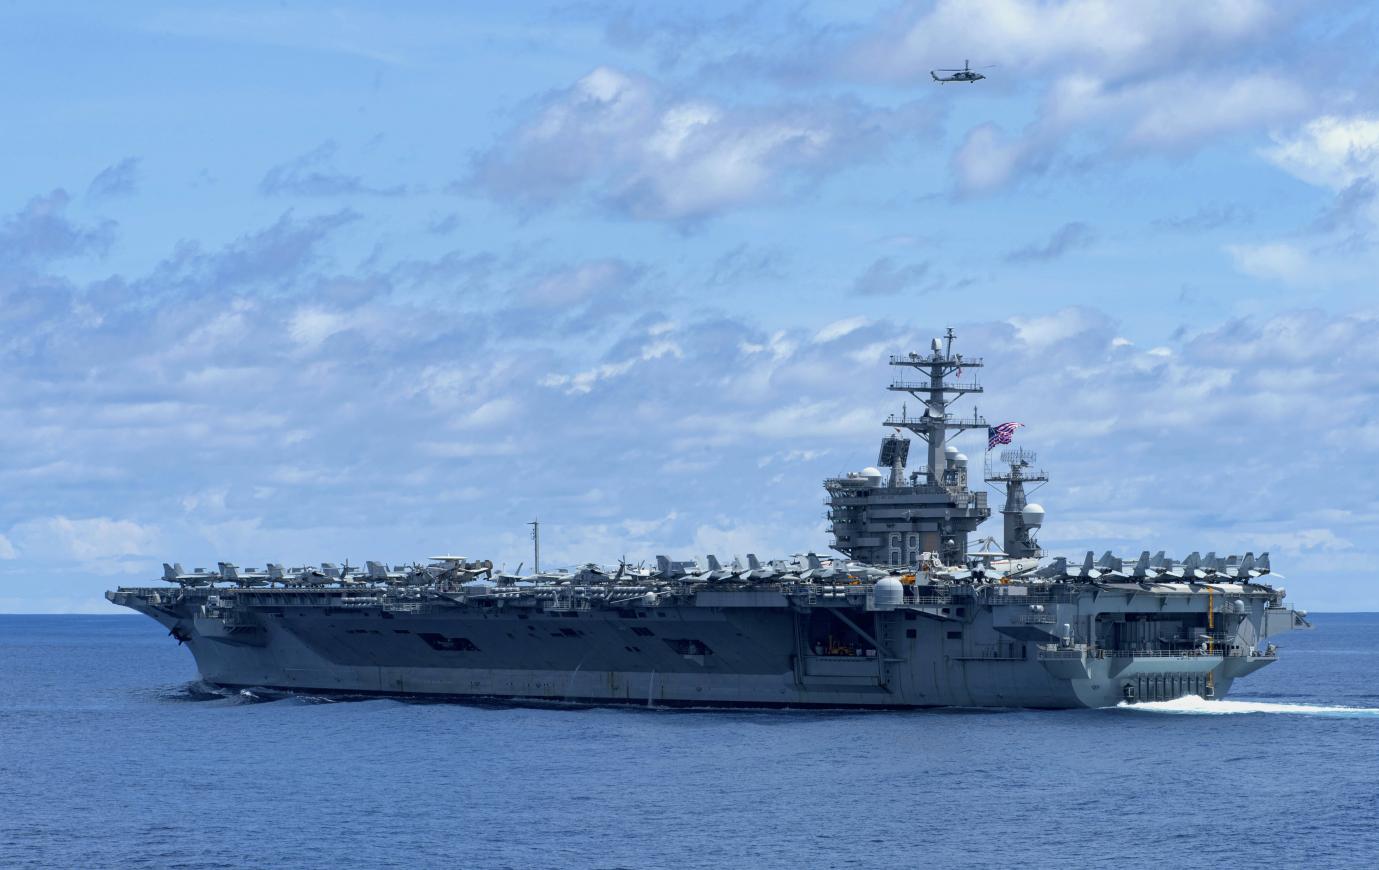 美国尼米兹号航母一名舰员失踪 事发地靠近伊朗